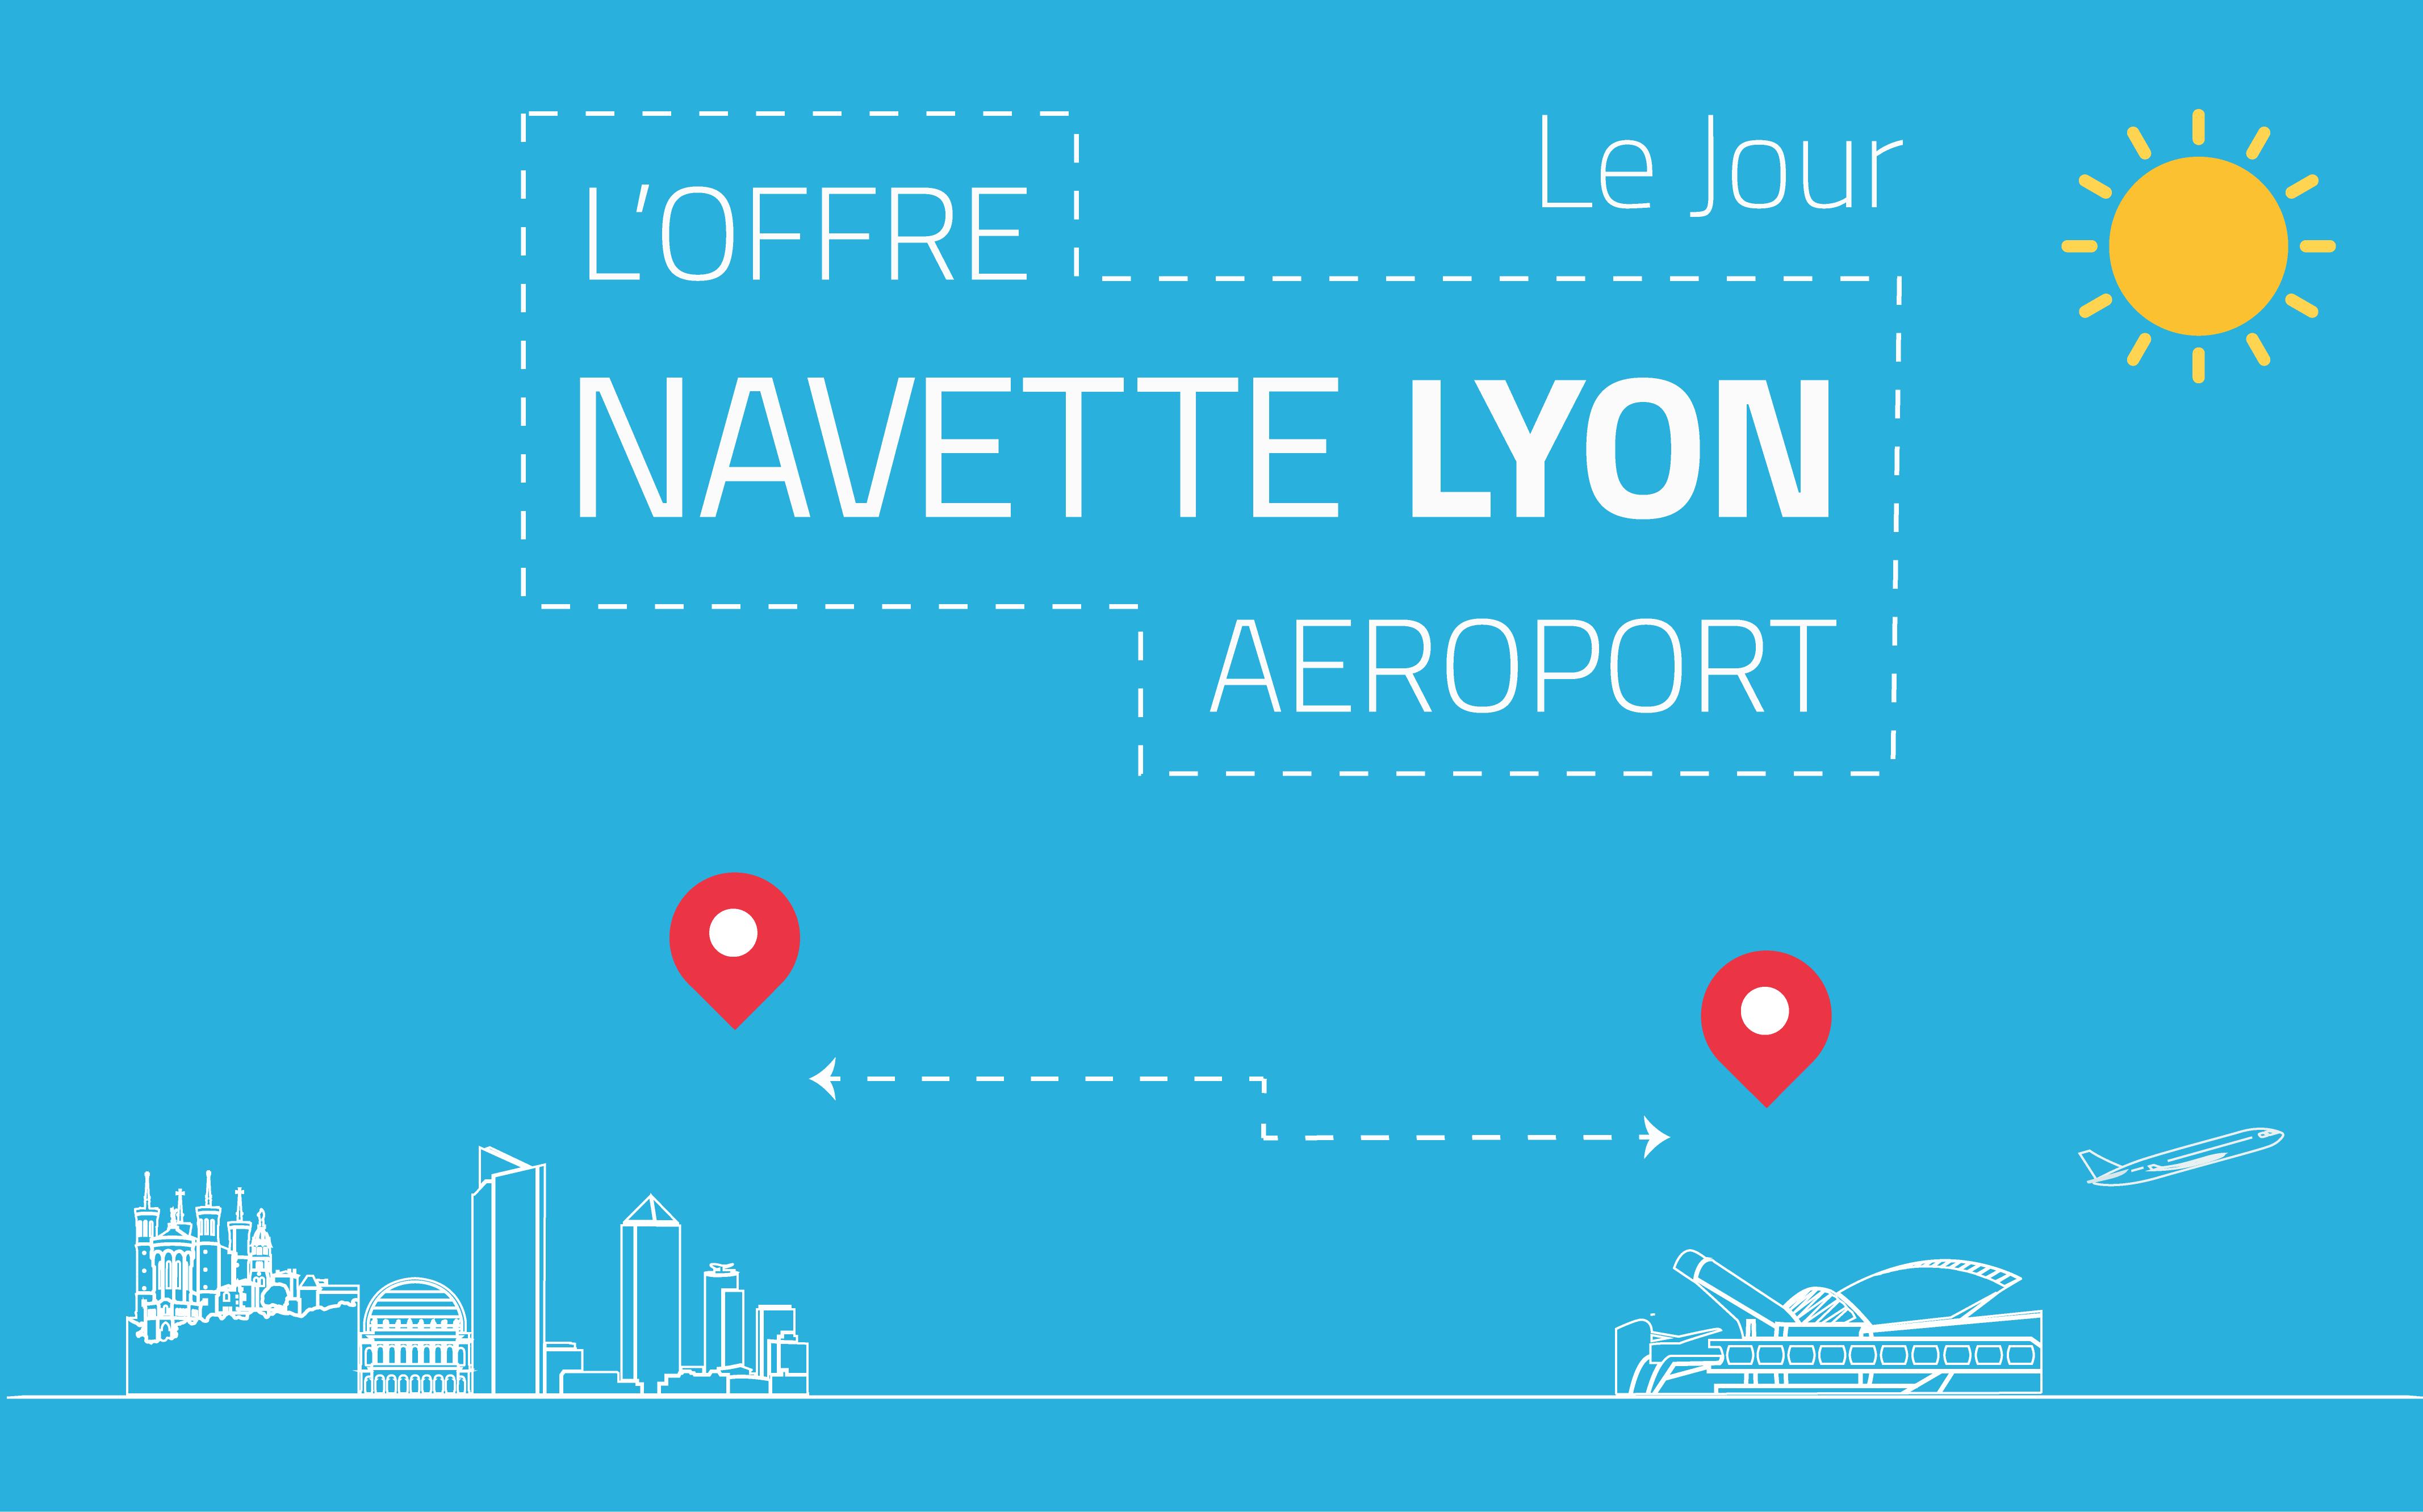 Navette Lyon jour